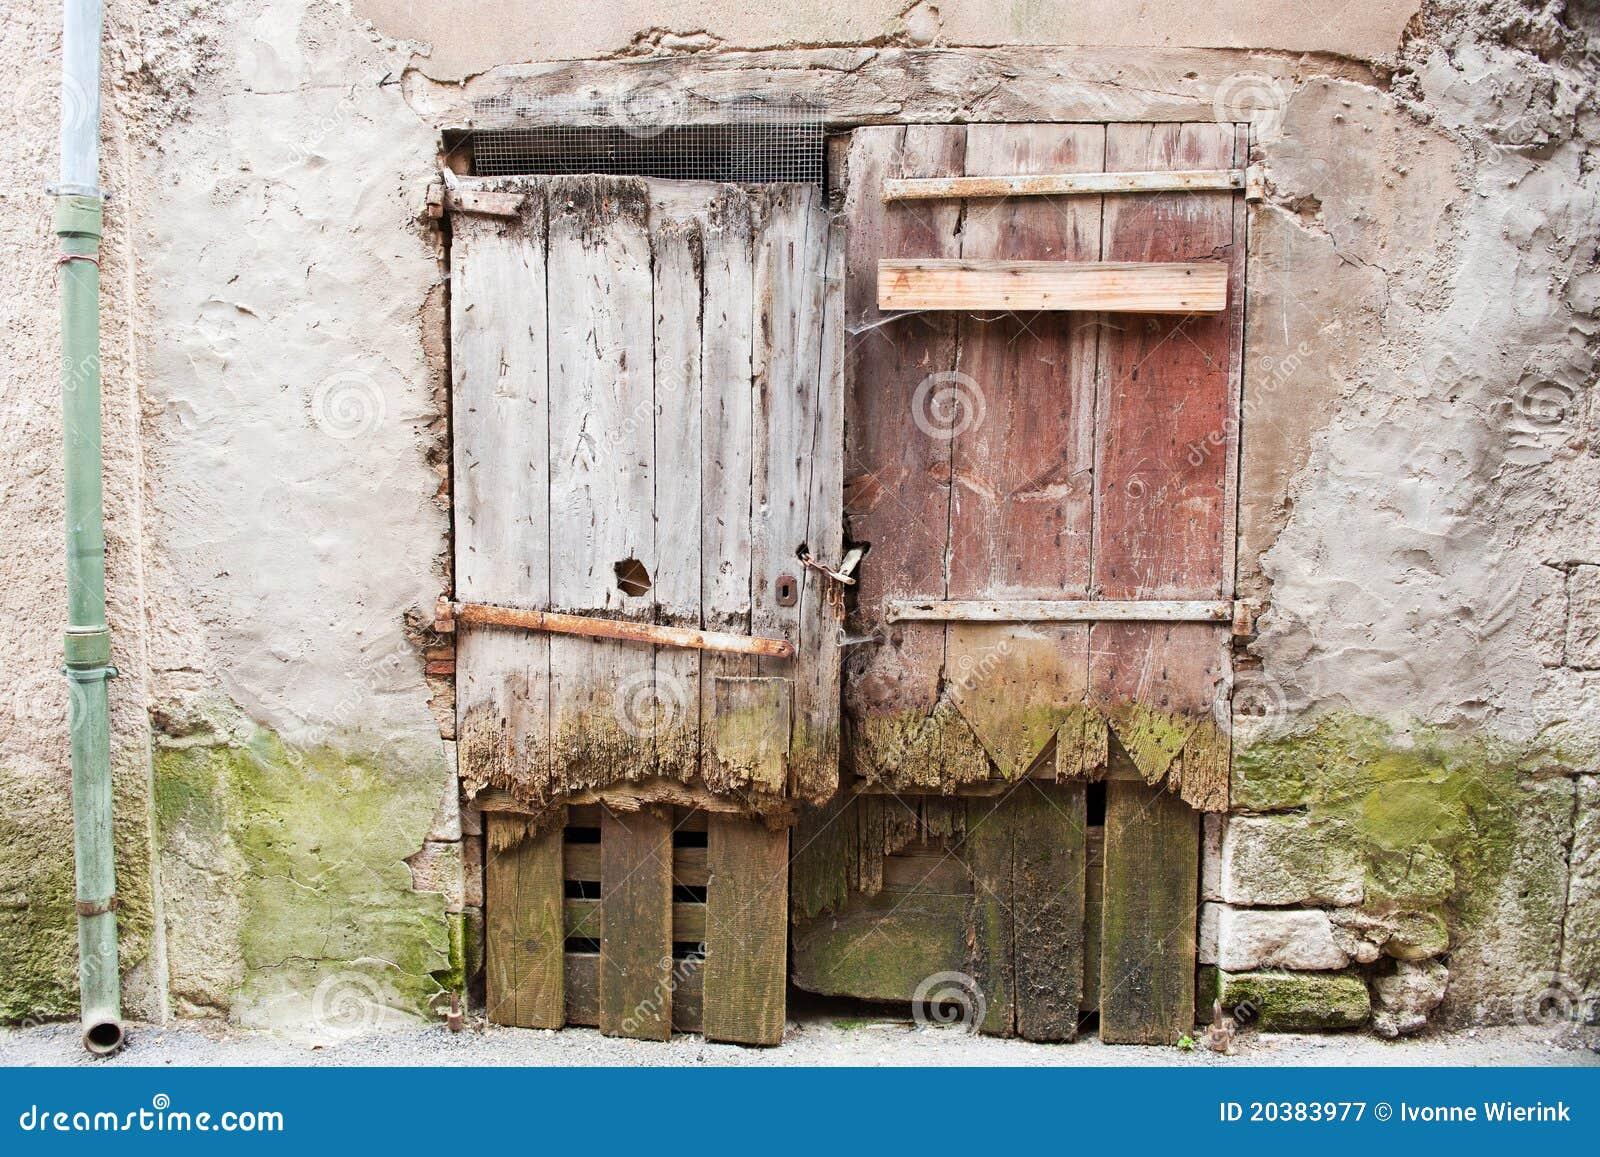 Vieilles trappes en bois en france photographie stock - Vieilles caisses en bois a vendre ...